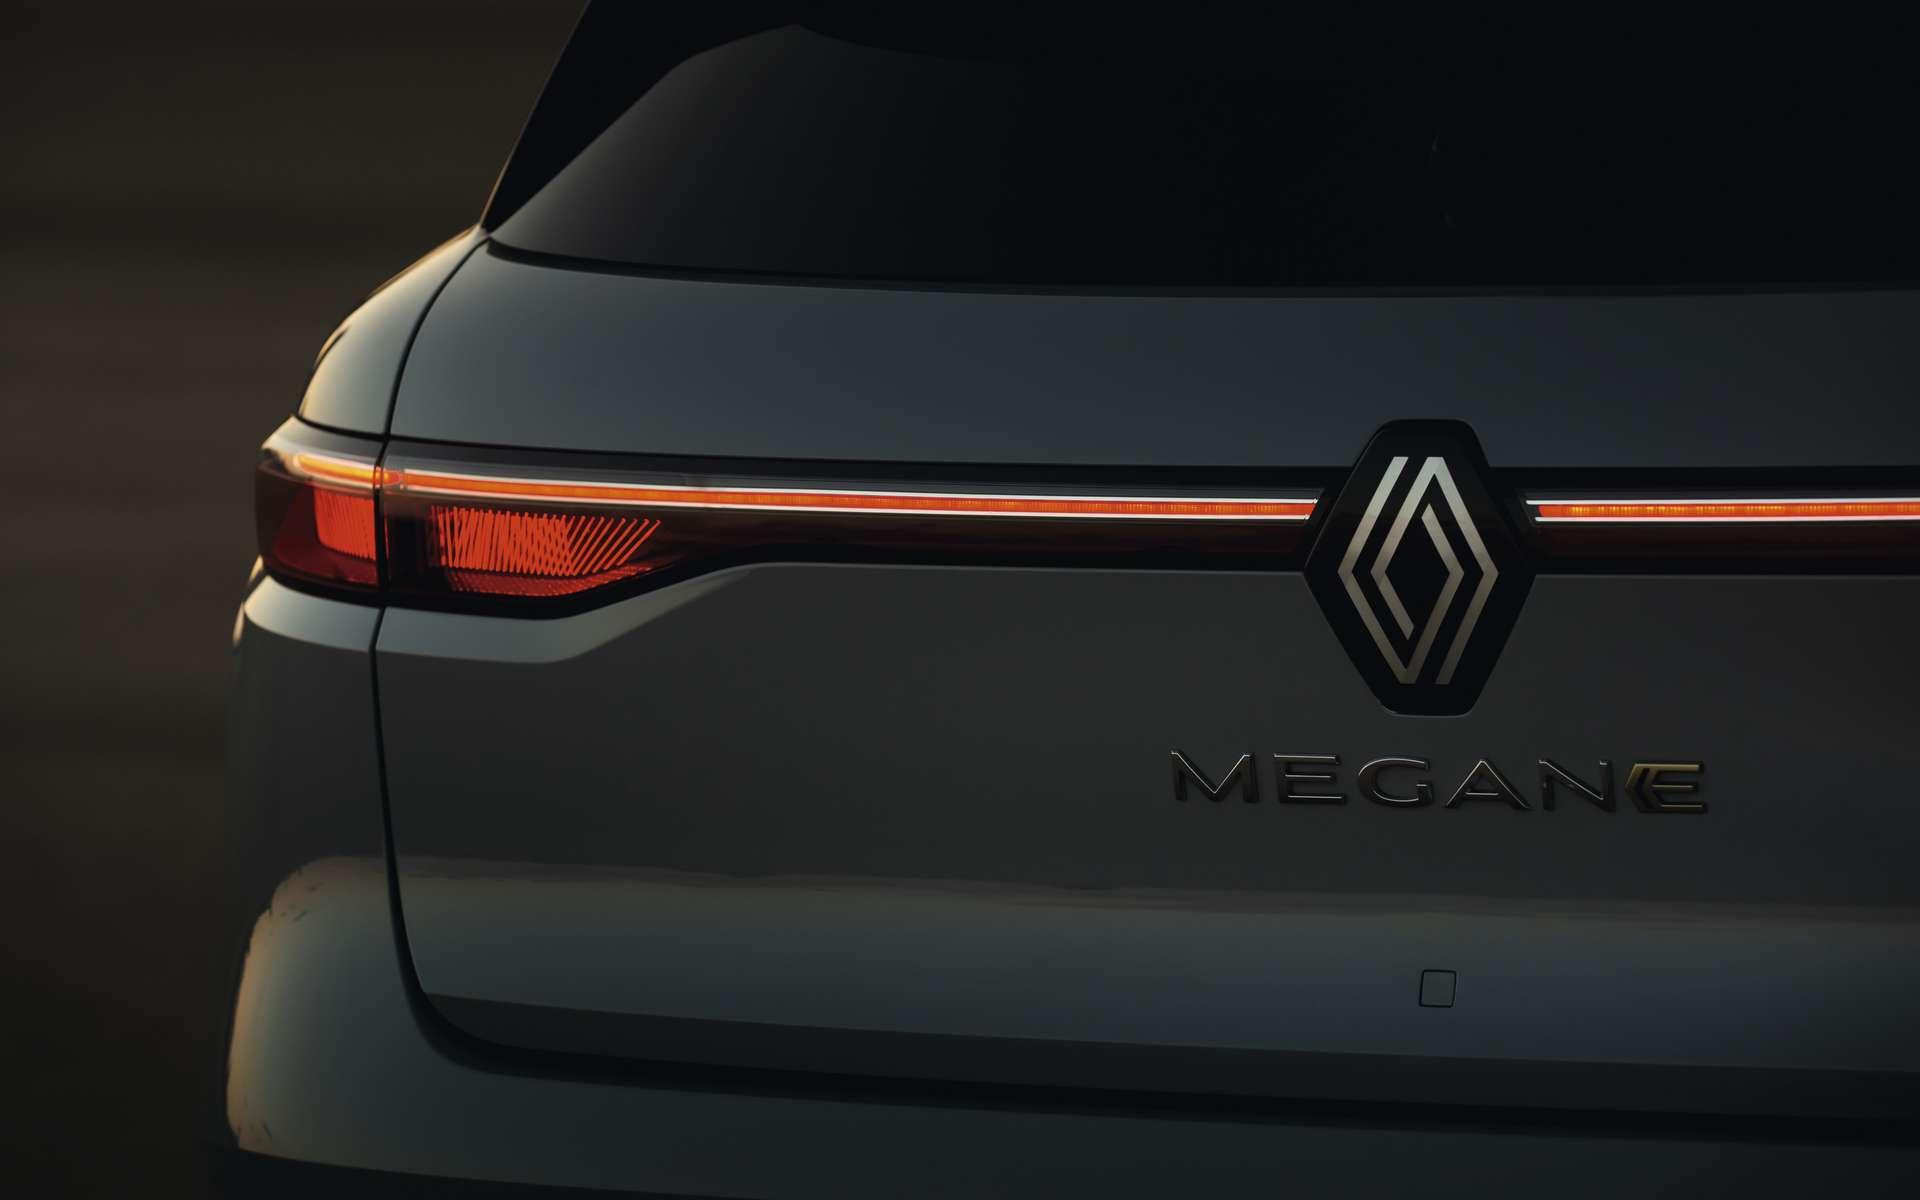 La Mégane e-Tech Electric étrenne le nouveau logo Renault et une signature lumineuse Led spécifique. © Renault